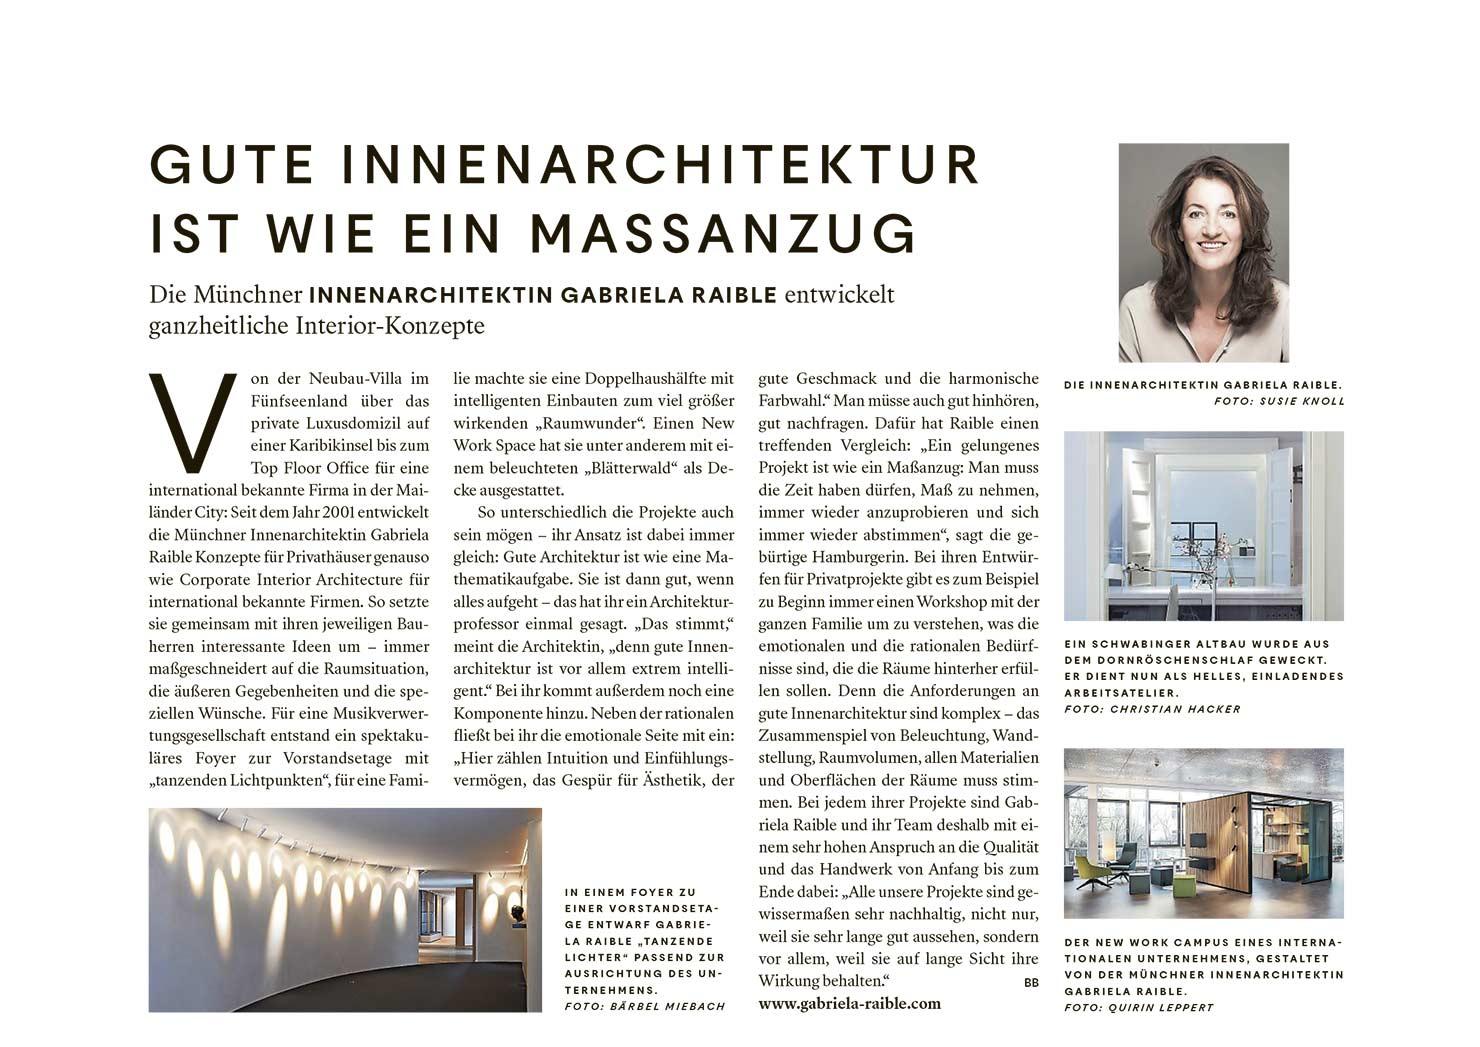 Gabriela Raible innenarchitektur MÜNCHEN ... Beitrag in der Süddeutschen Zeitung